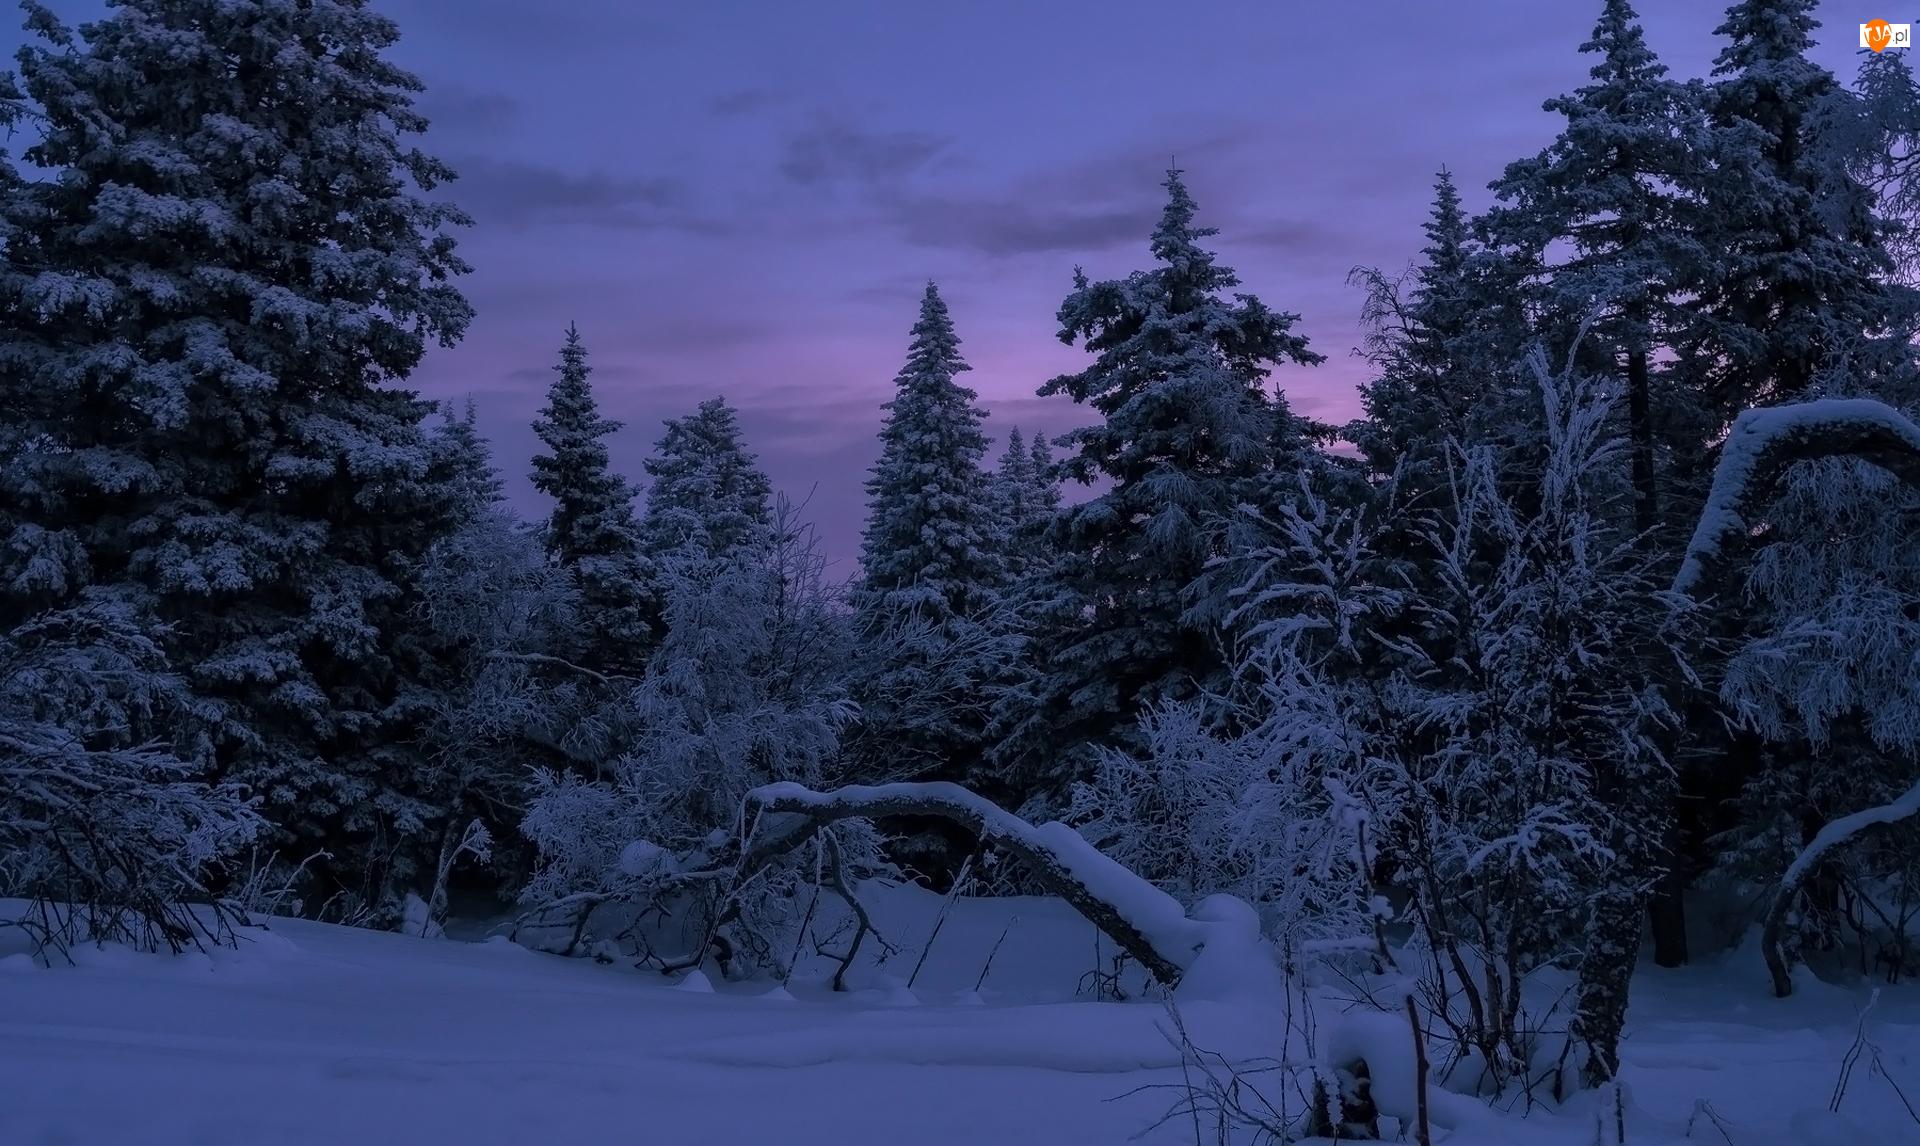 Zmrok, Zima, Drzewa